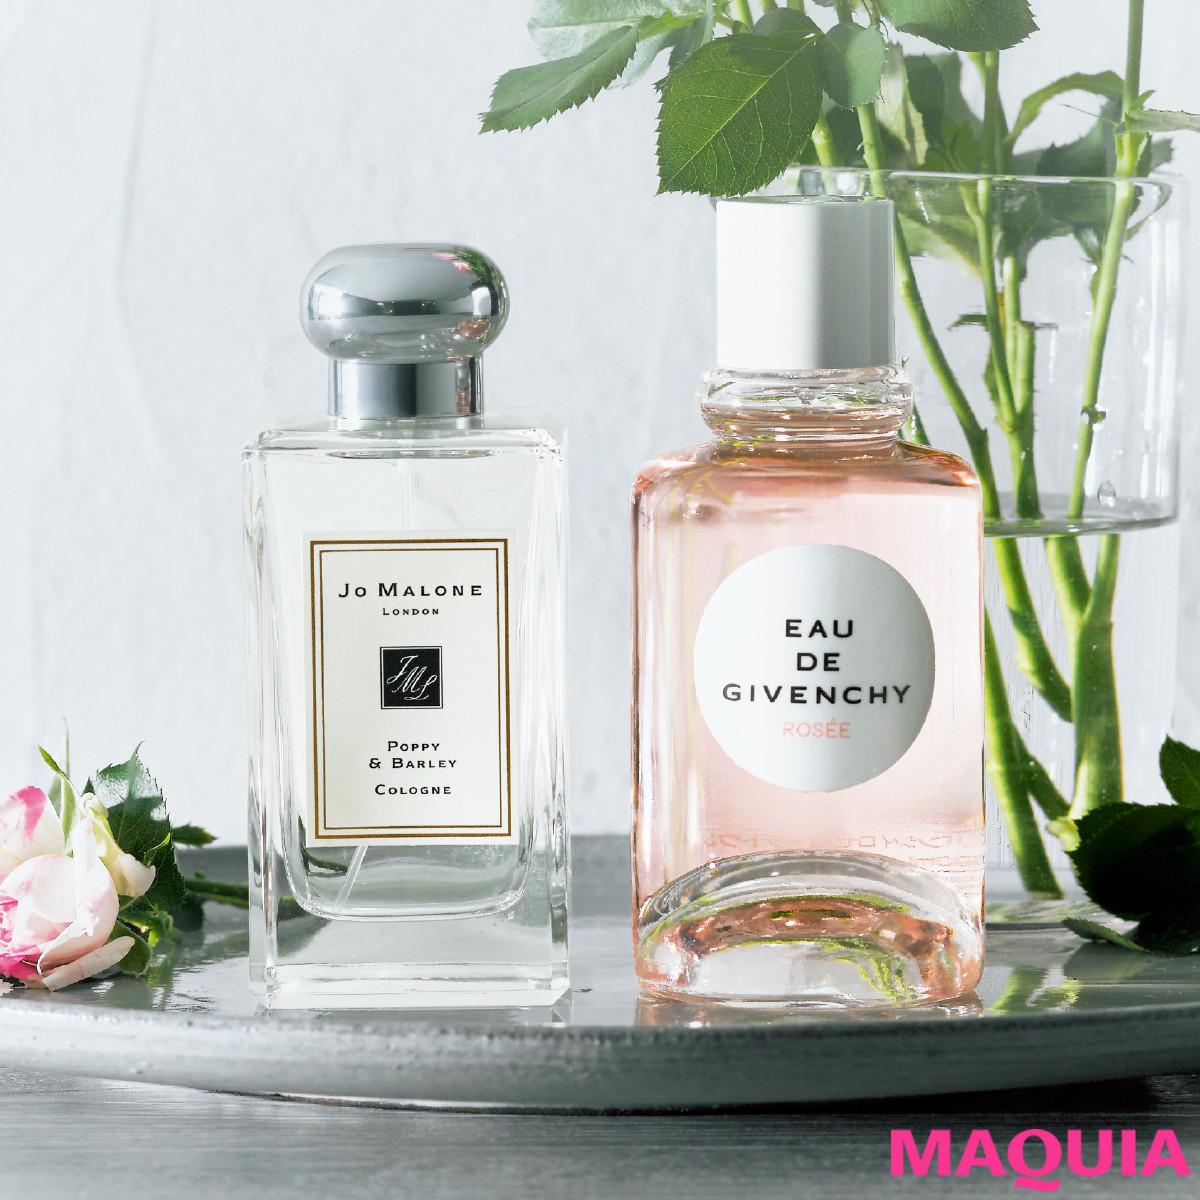 今月の開運フレグランスは? やさしい花の香りでハッピーを引き寄せ!